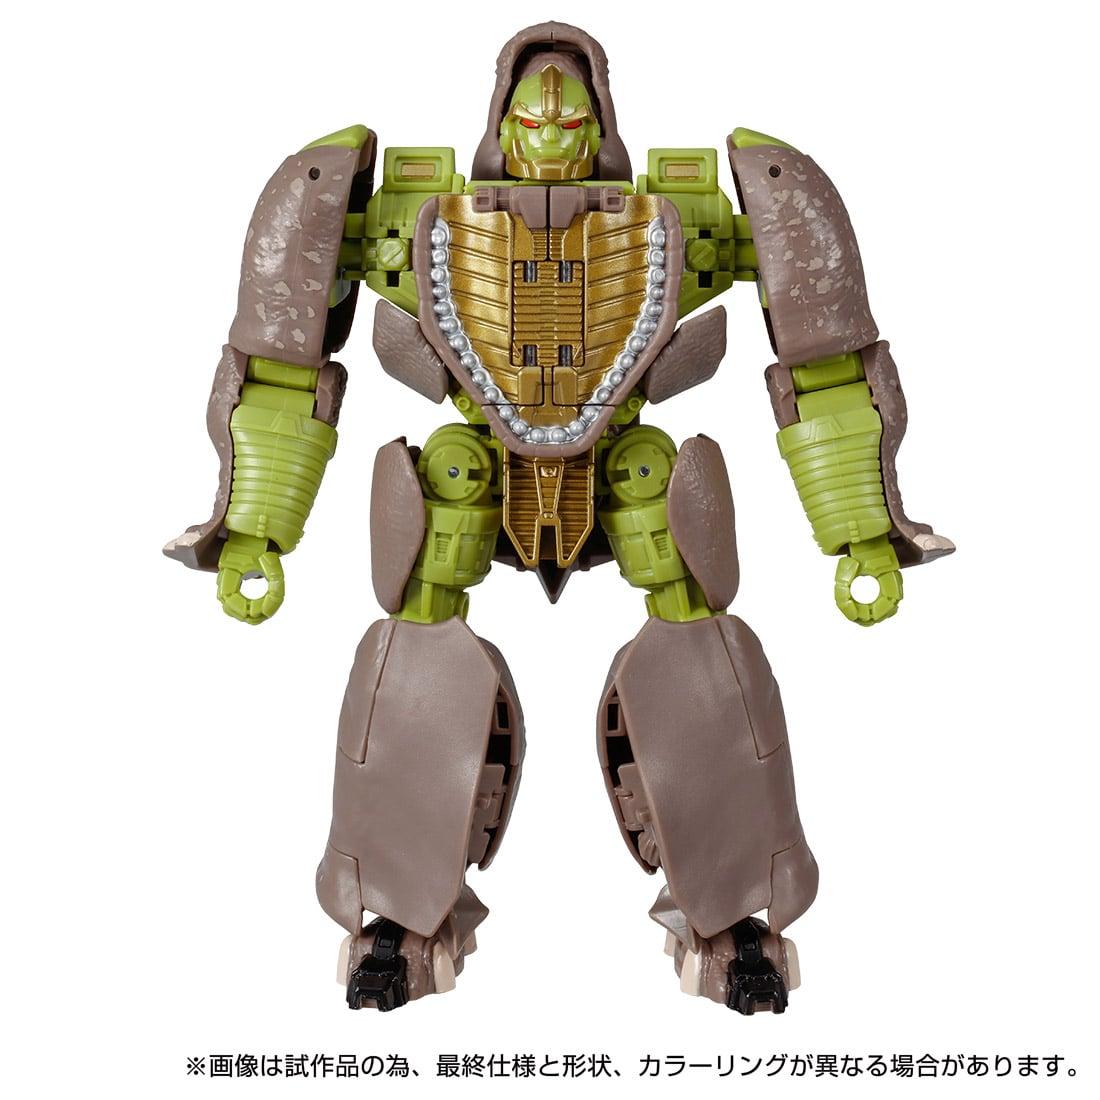 トランスフォーマー キングダム『KD-13 ライノックス』可変可動フィギュア-004